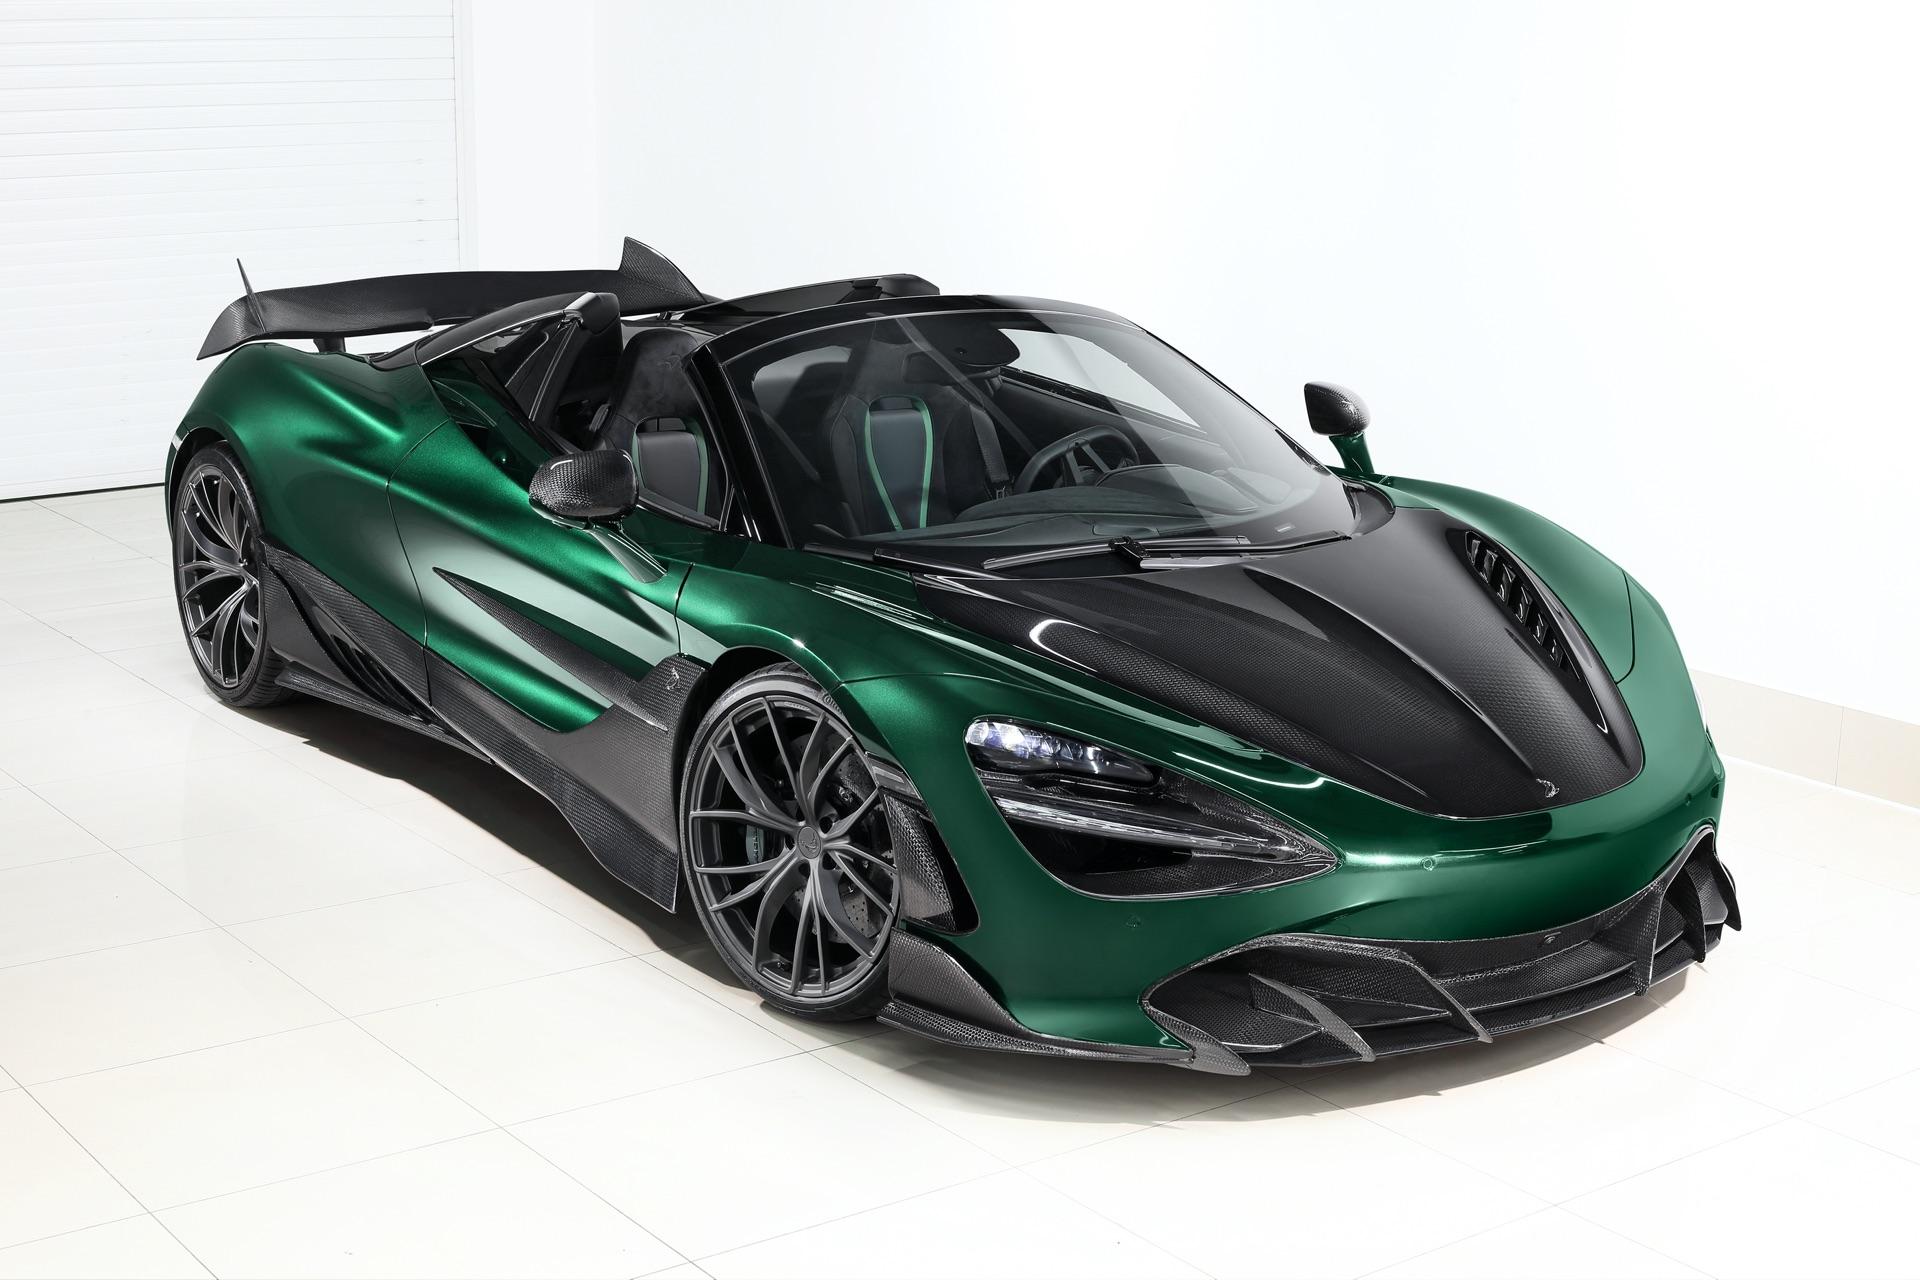 Команда ателье TopCar (Россия) продемонстрировала аэродинамический пакет Fury для McLaren 720S Spider, основным материалом которого является углеродное волокно.